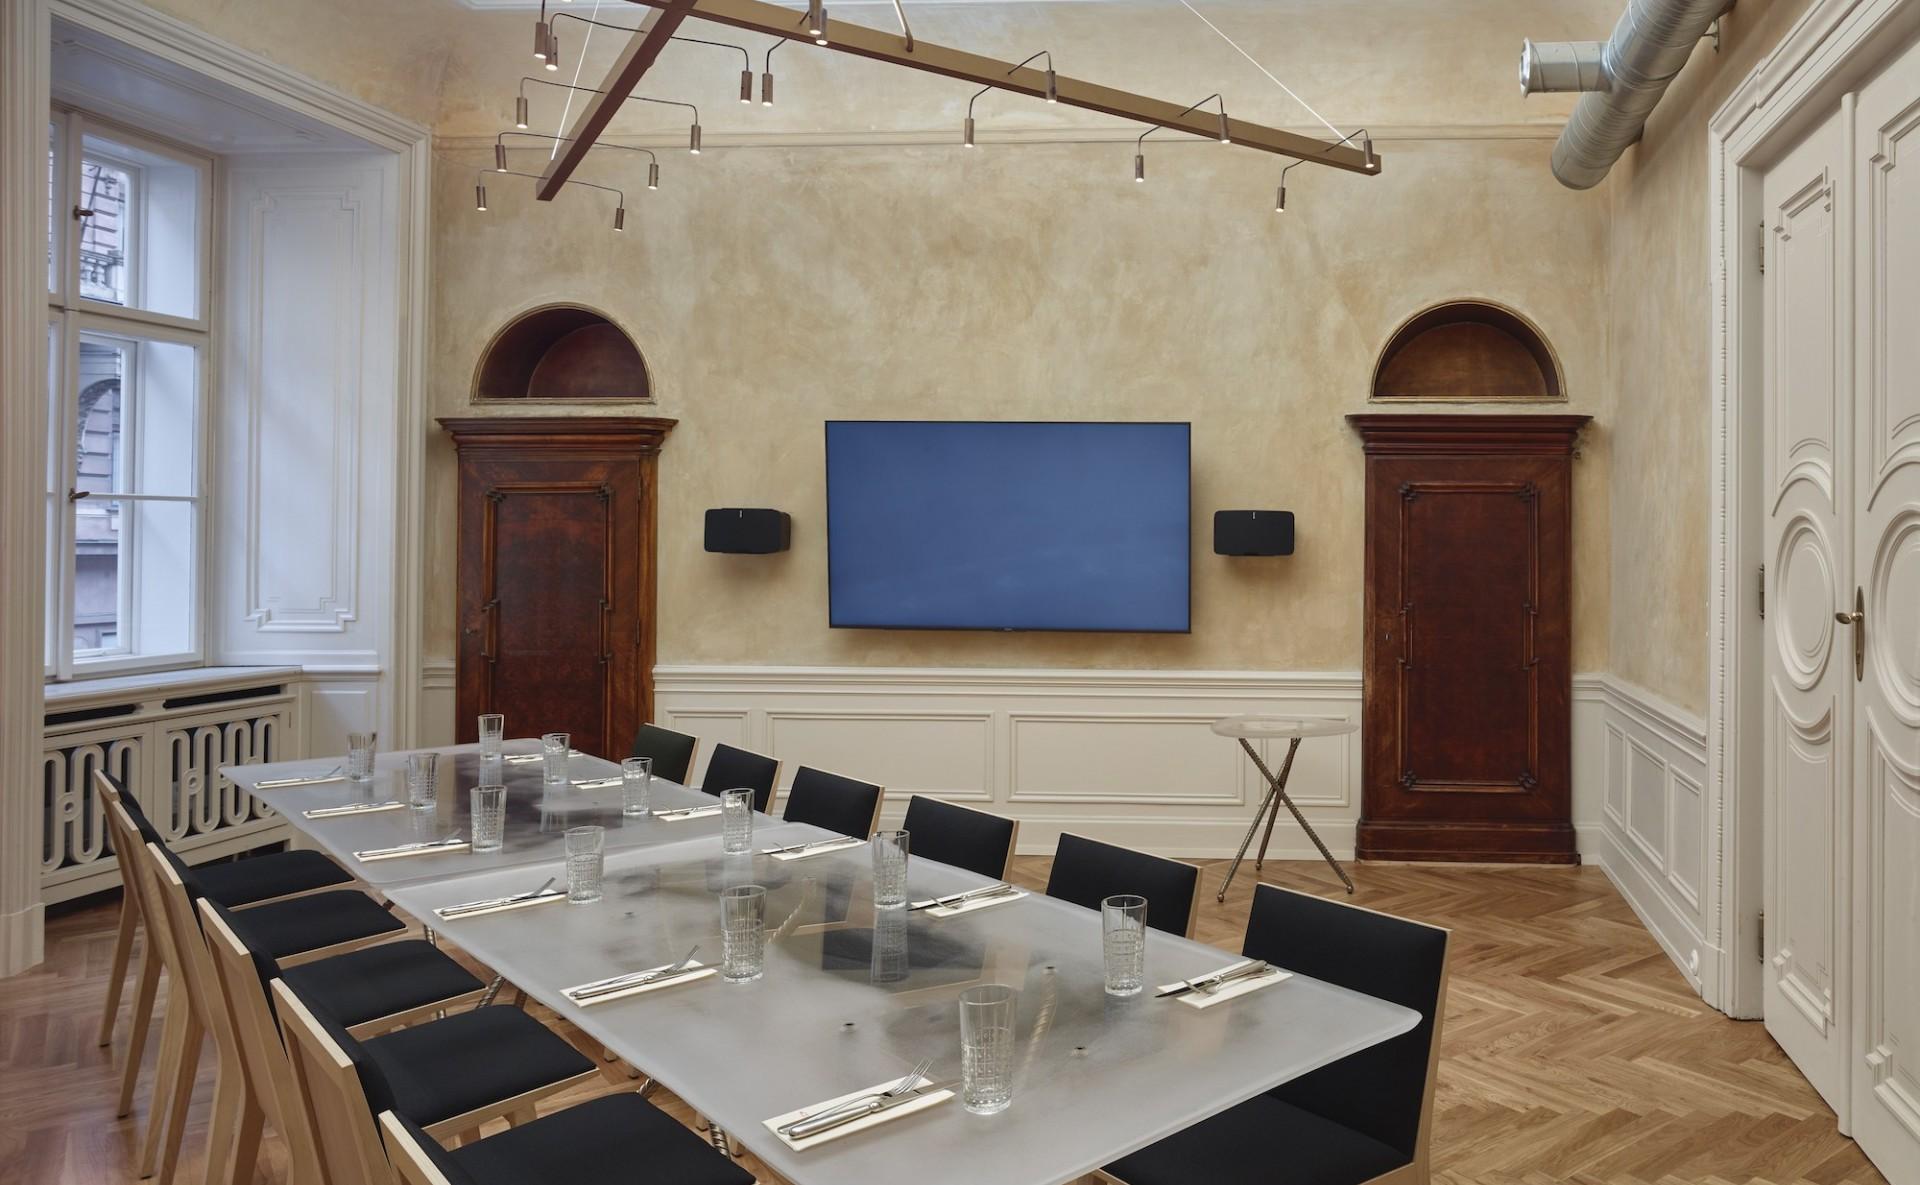 Pronájem prostoru na firemní akce a semináře Praha 1